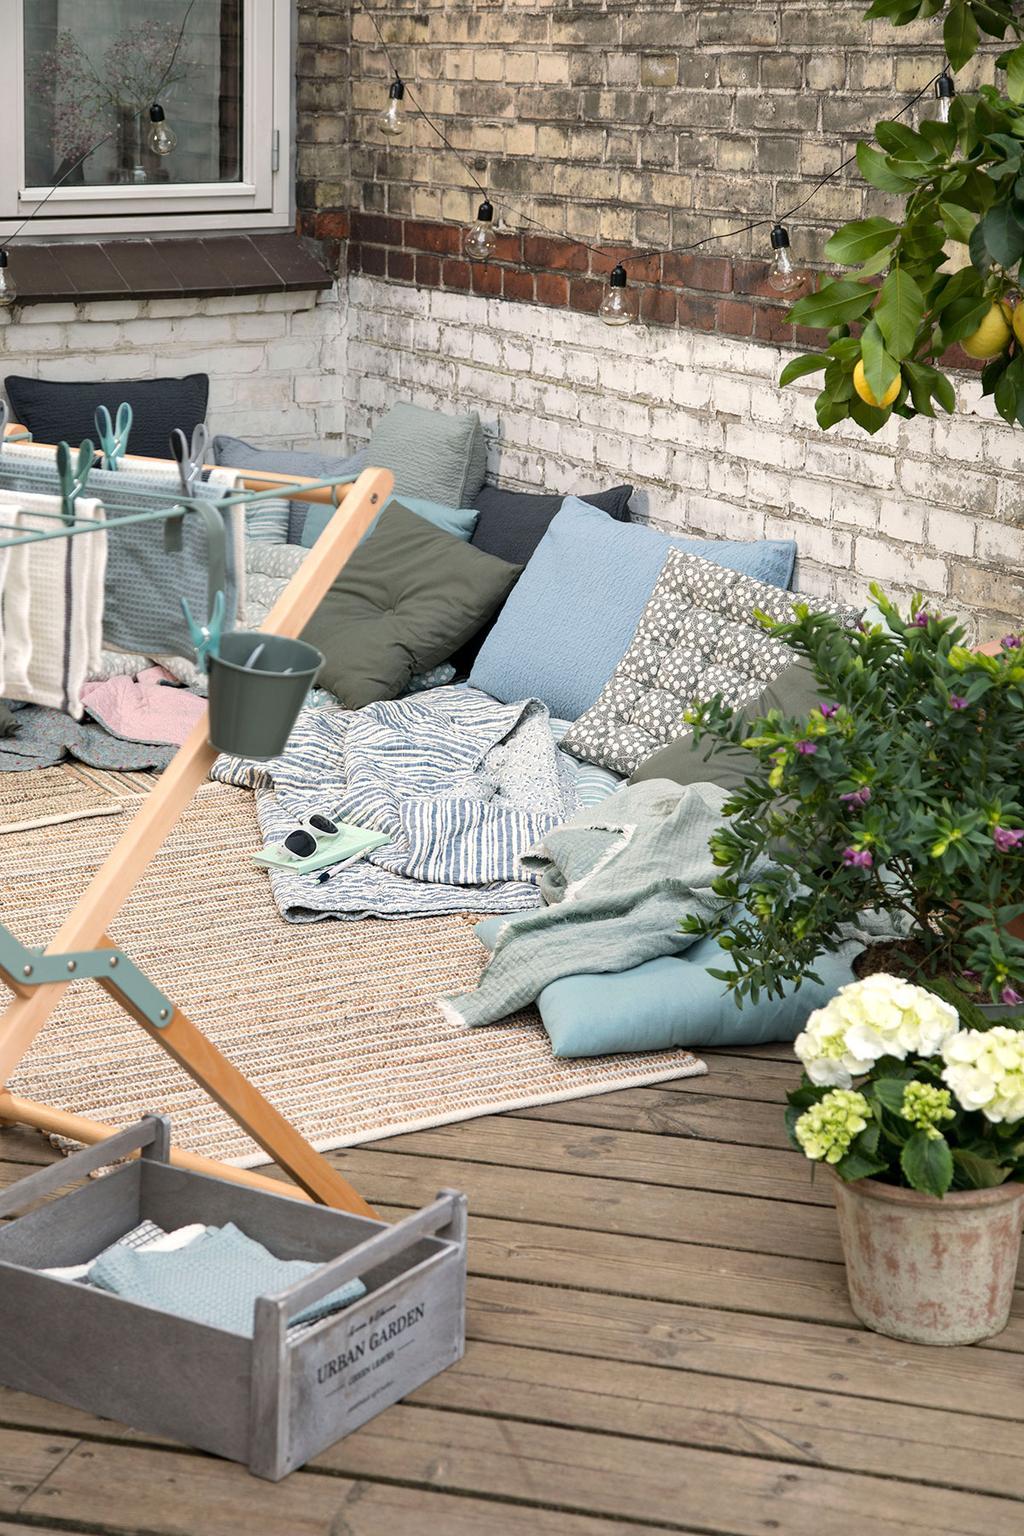 Outdoor living bij Sostrone Grene in Antwerpen